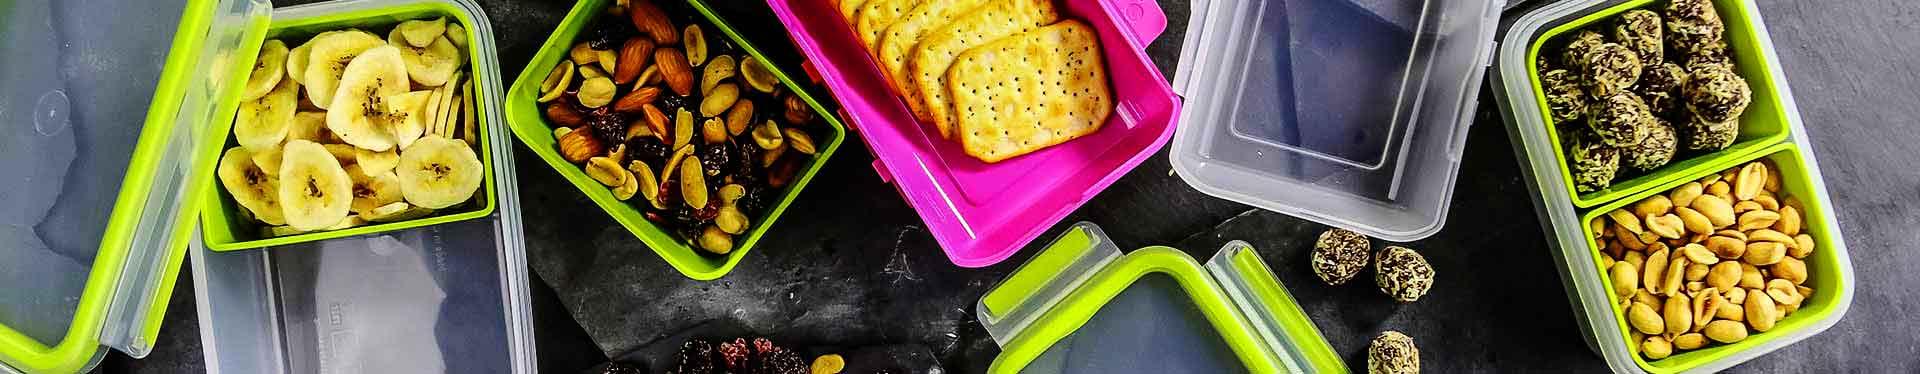 Frischhaltedosen & Snackboxen